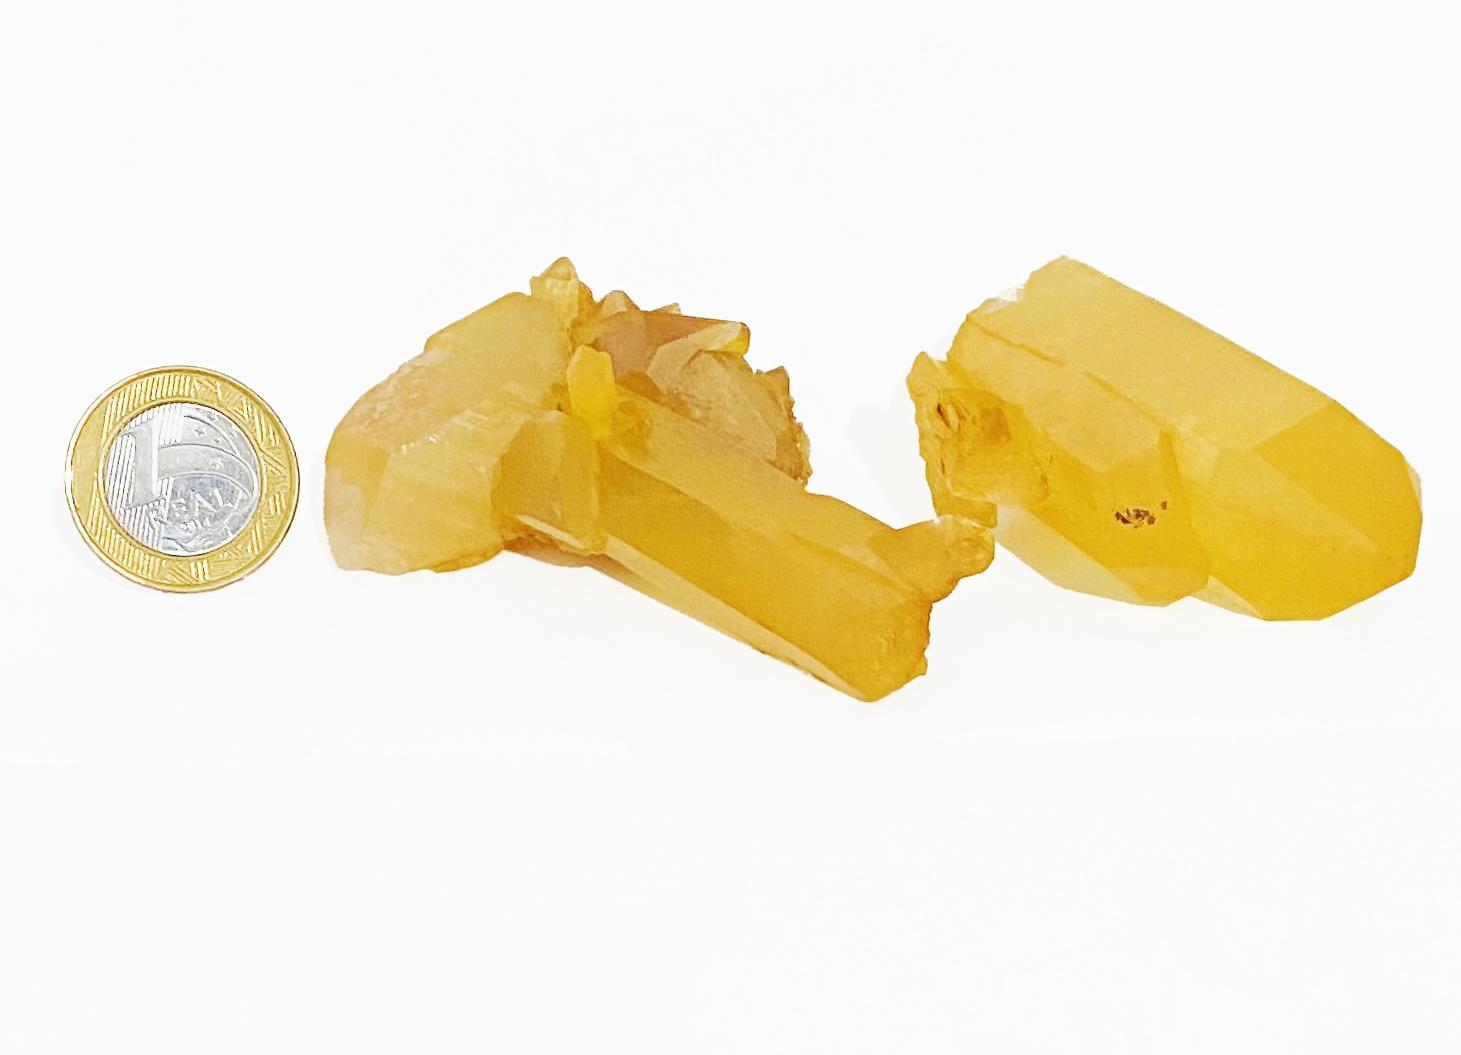 Drusa de Quartzo Tangerina | 7,5 a 9 cm | 0,070 Kg